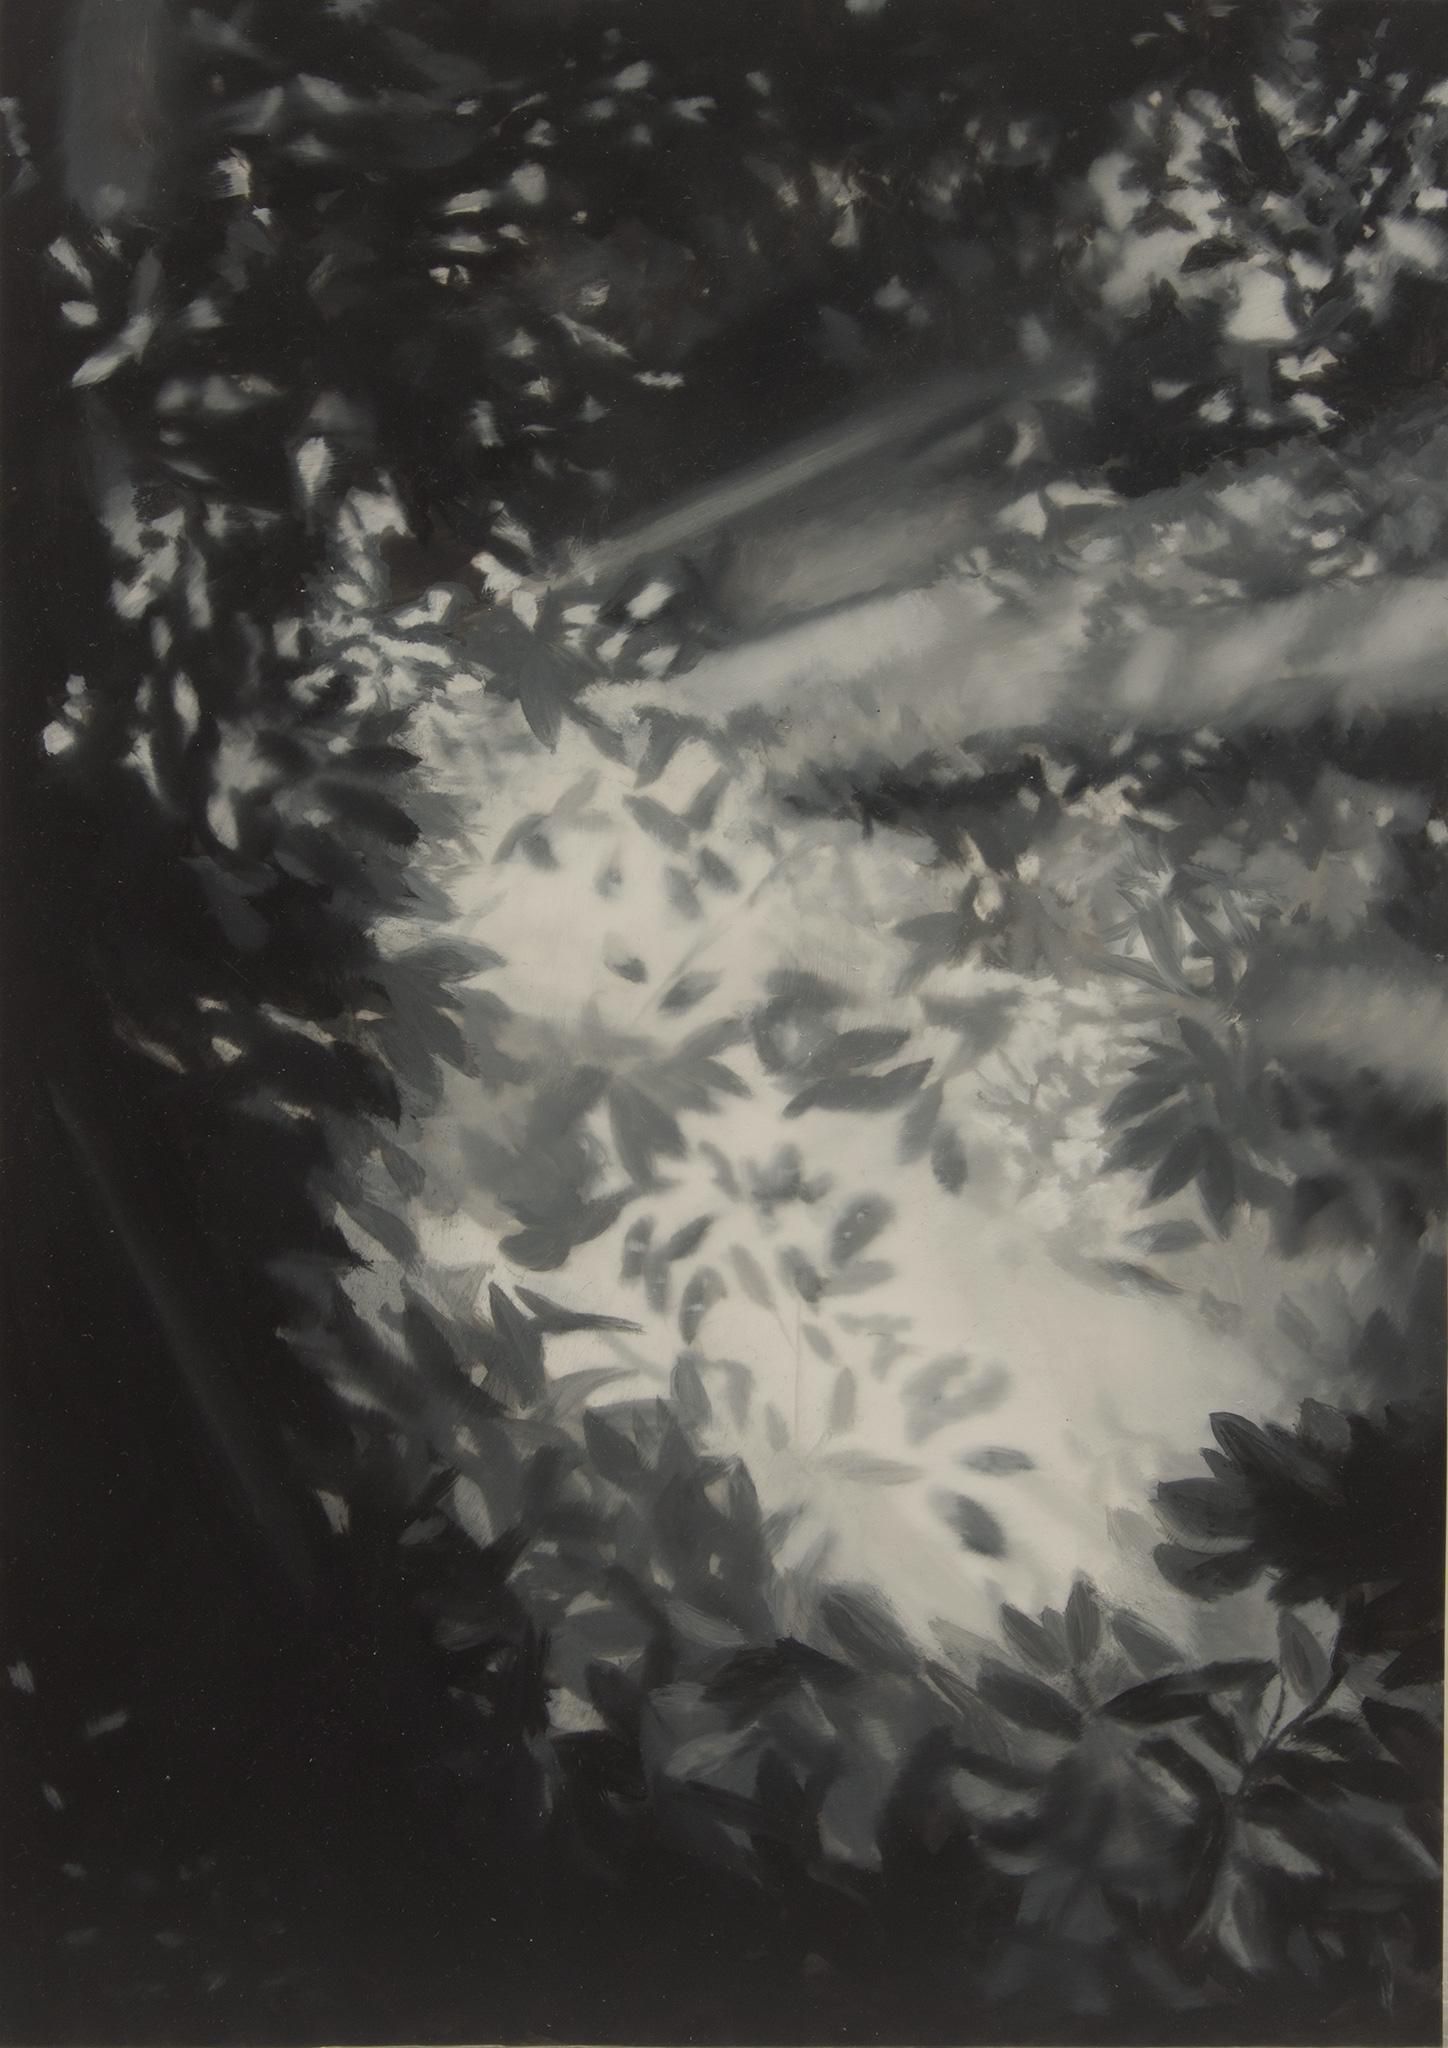 Poema VII Óleo sobre poliéster 29,5 x 21 cm 2019